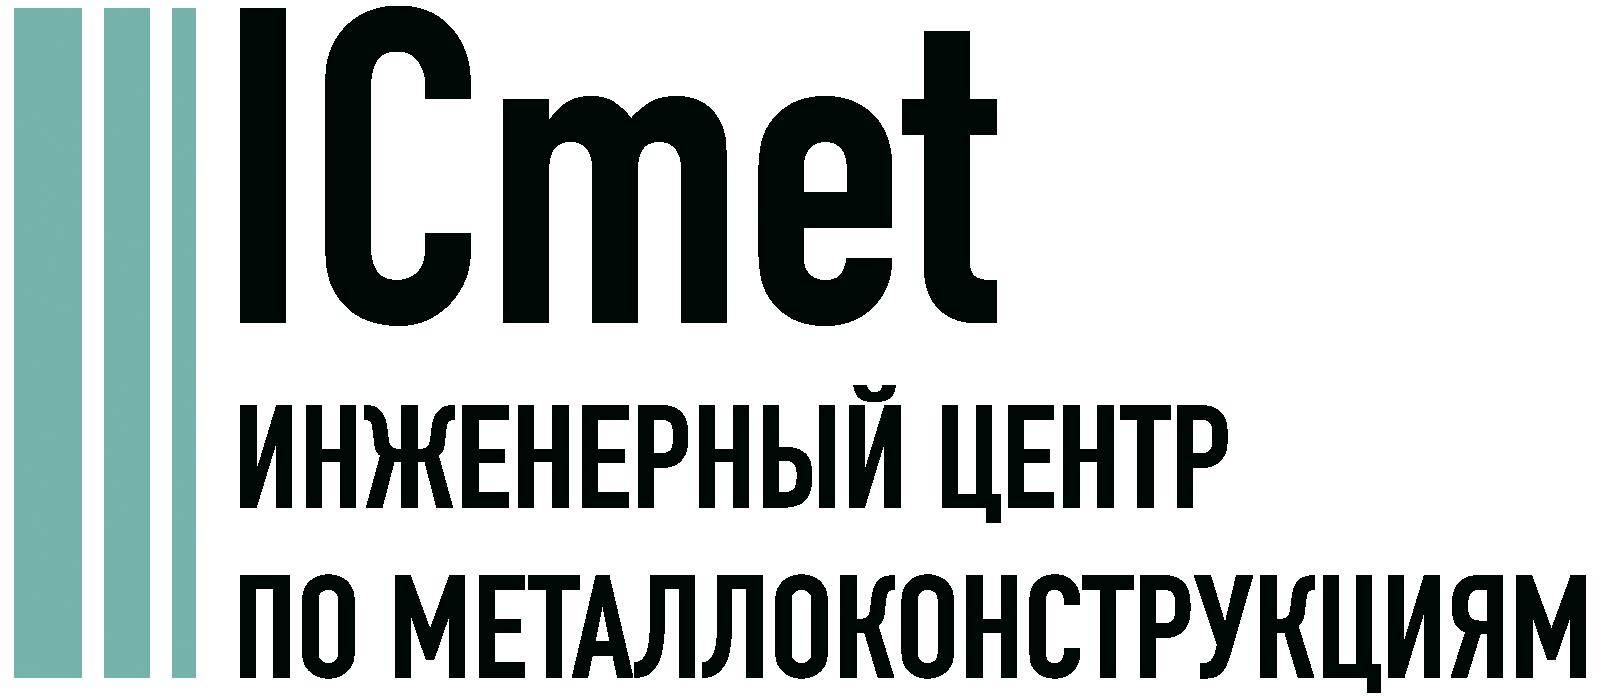 Проектирование металлоконструкций в Ижевске